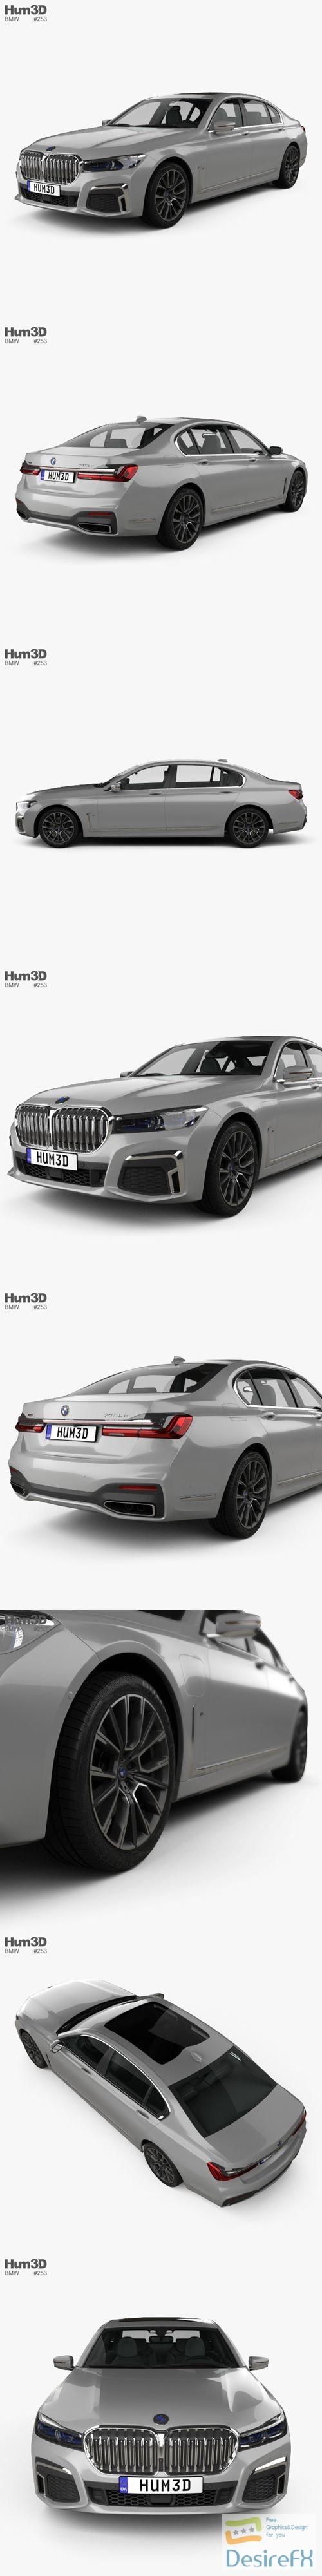 3d-models - BMW 7 Series Le 2020 3D Model